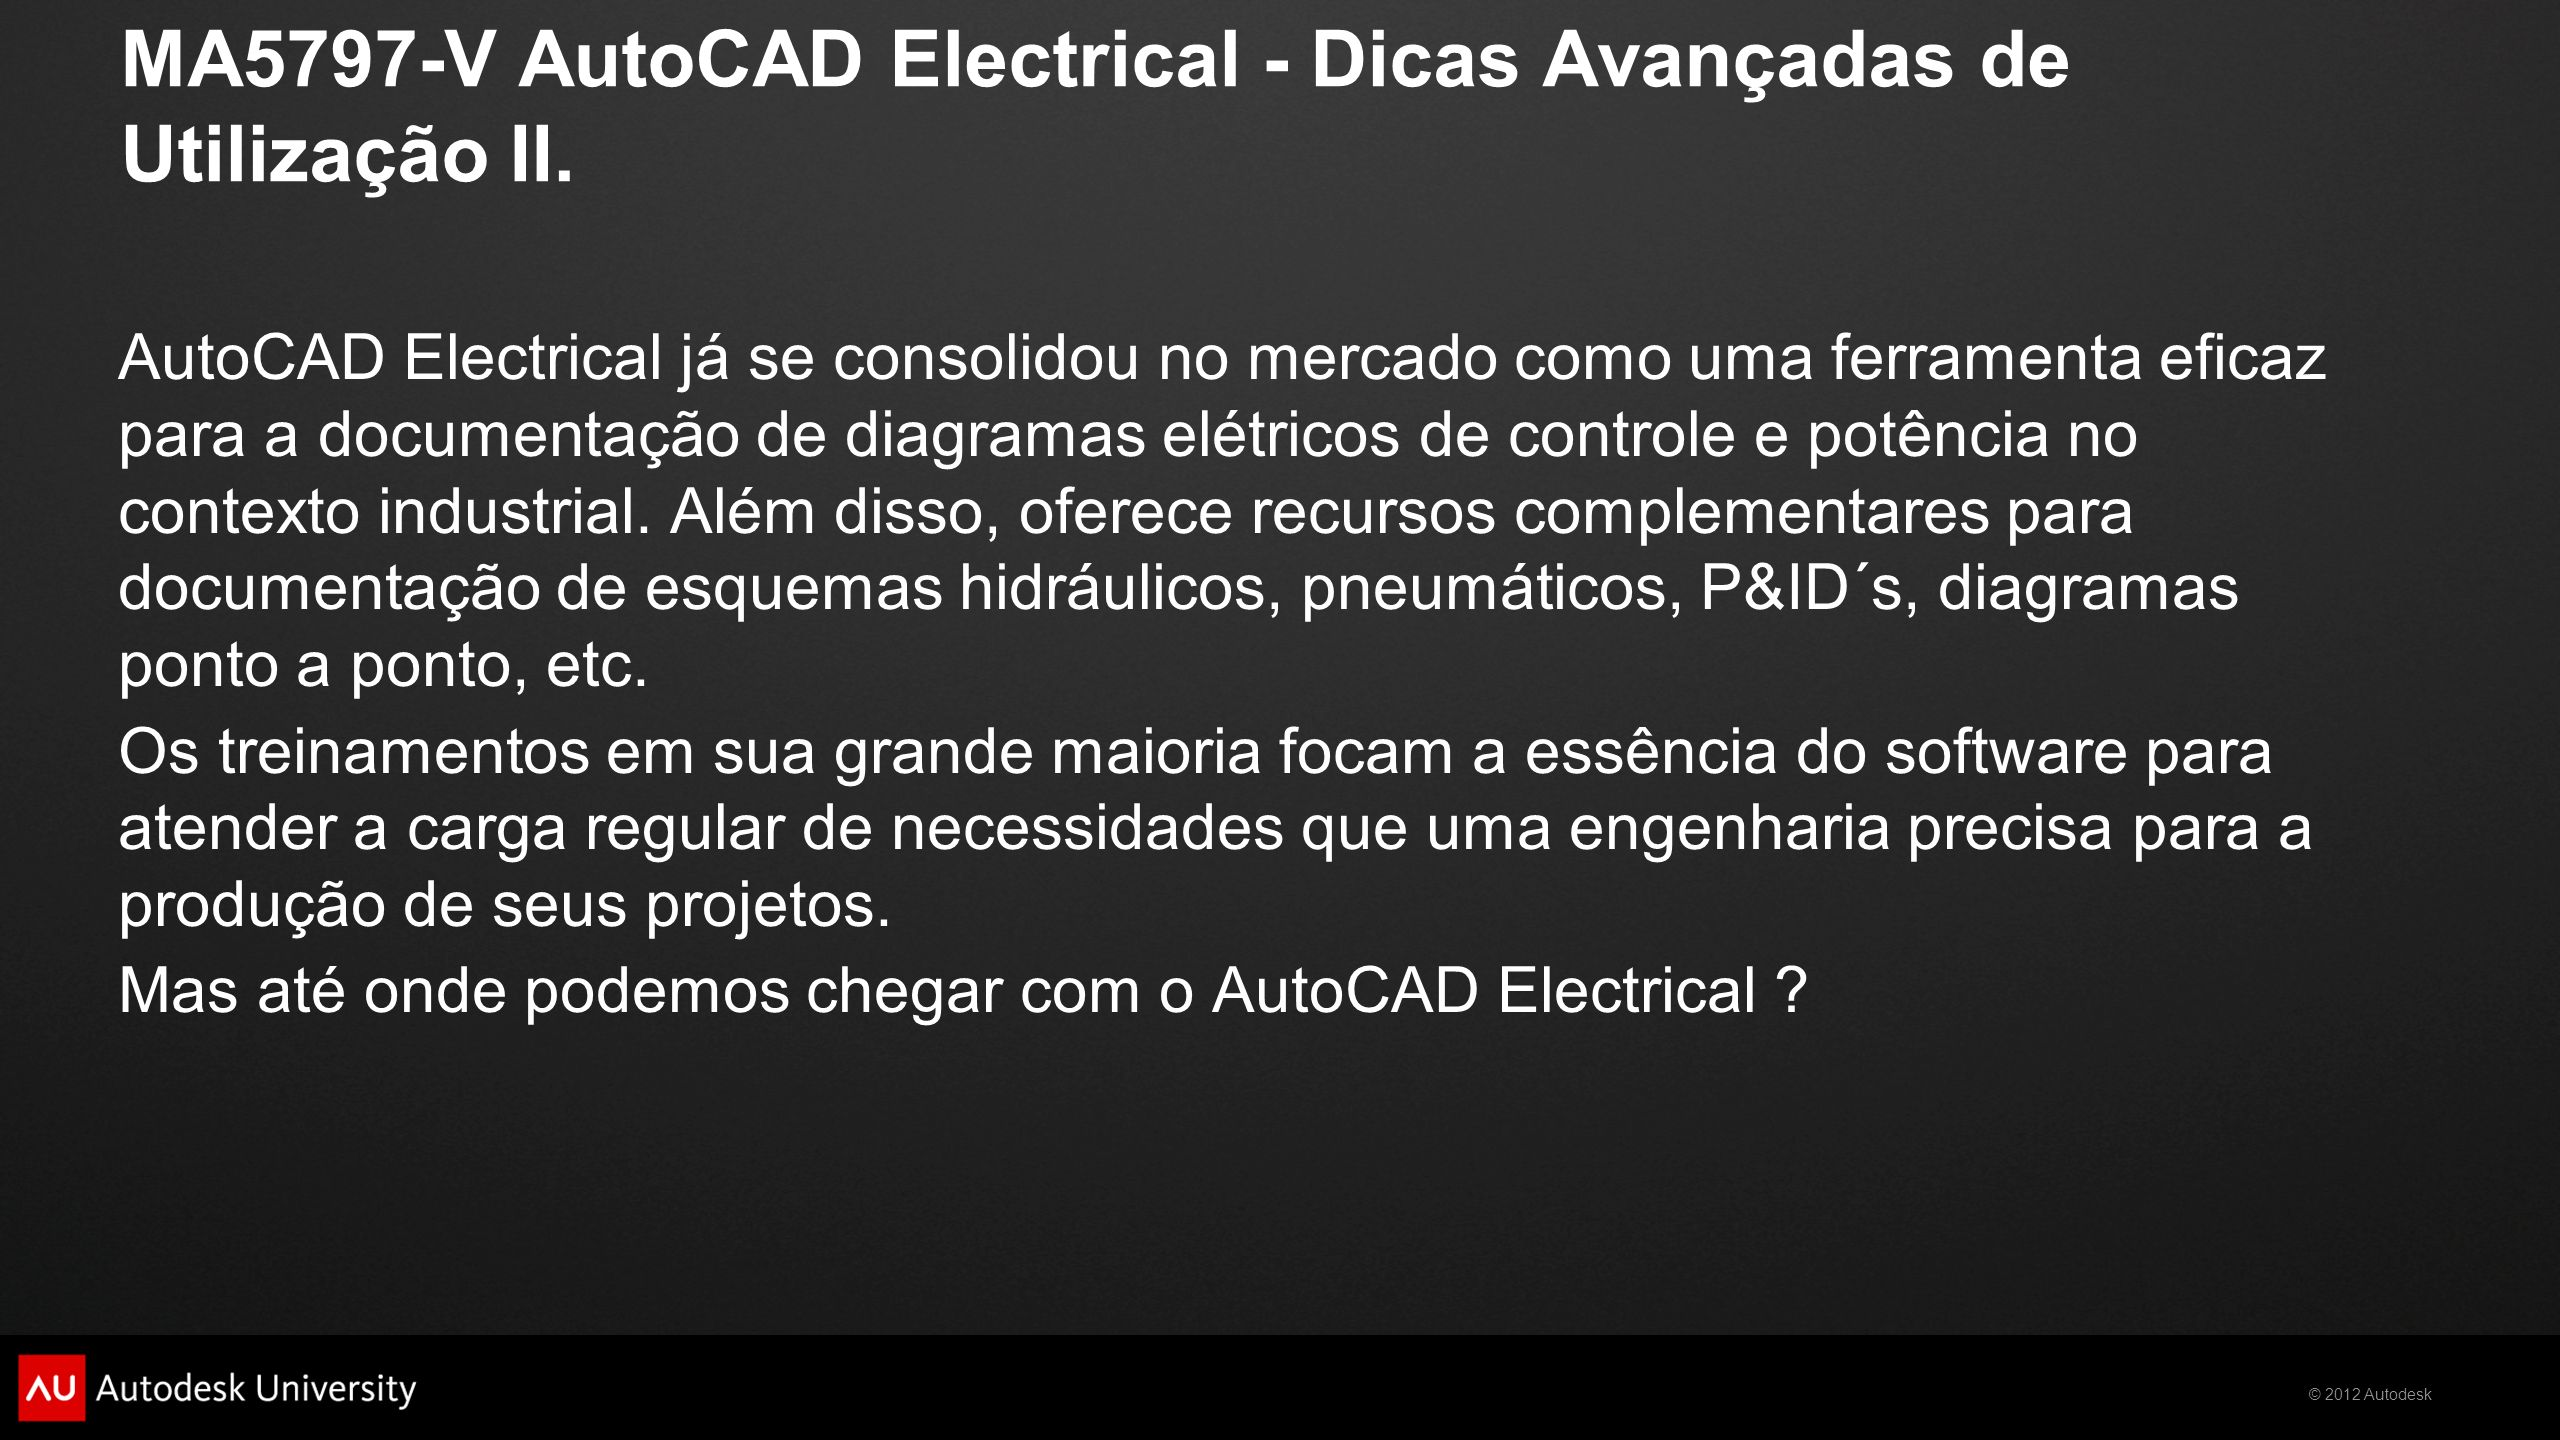 © 2012 Autodesk MA5797-V AutoCAD Electrical - Dicas Avançadas de Utilização II. AutoCAD Electrical já se consolidou no mercado como uma ferramenta efi